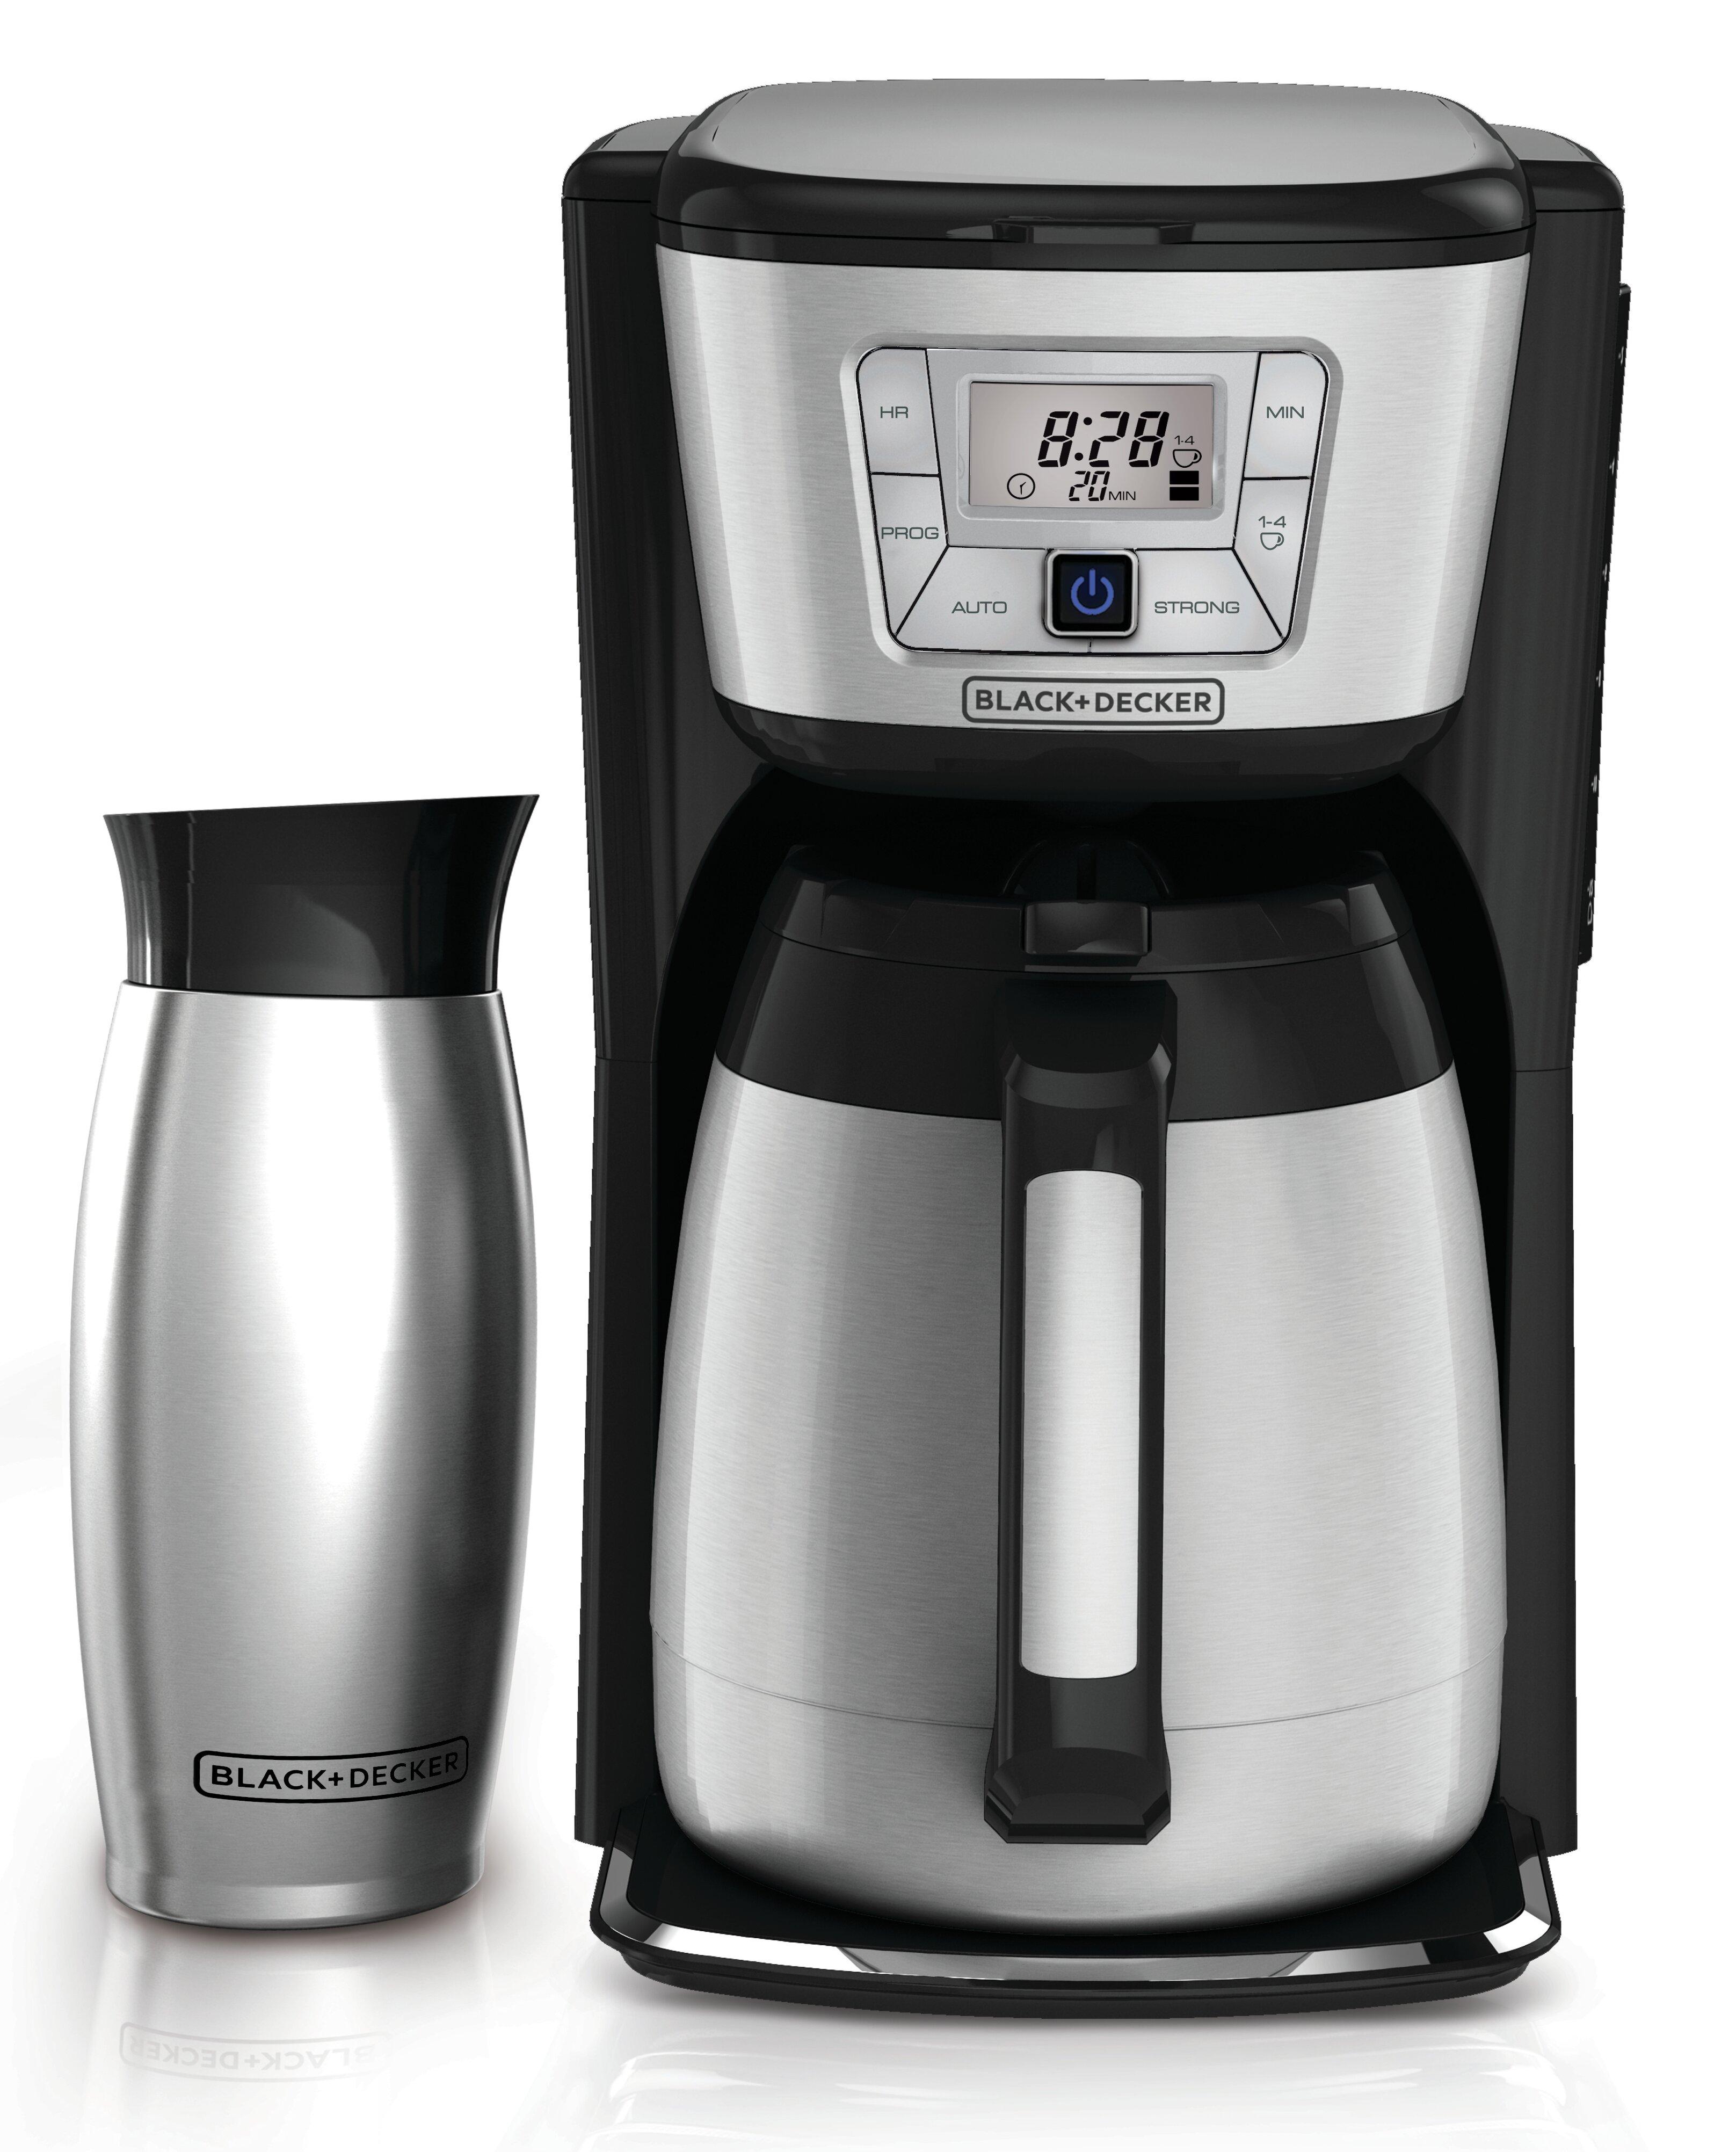 752898e05e3 Black + Decker 12-Cup Thermal Coffee Maker and Mug   Reviews